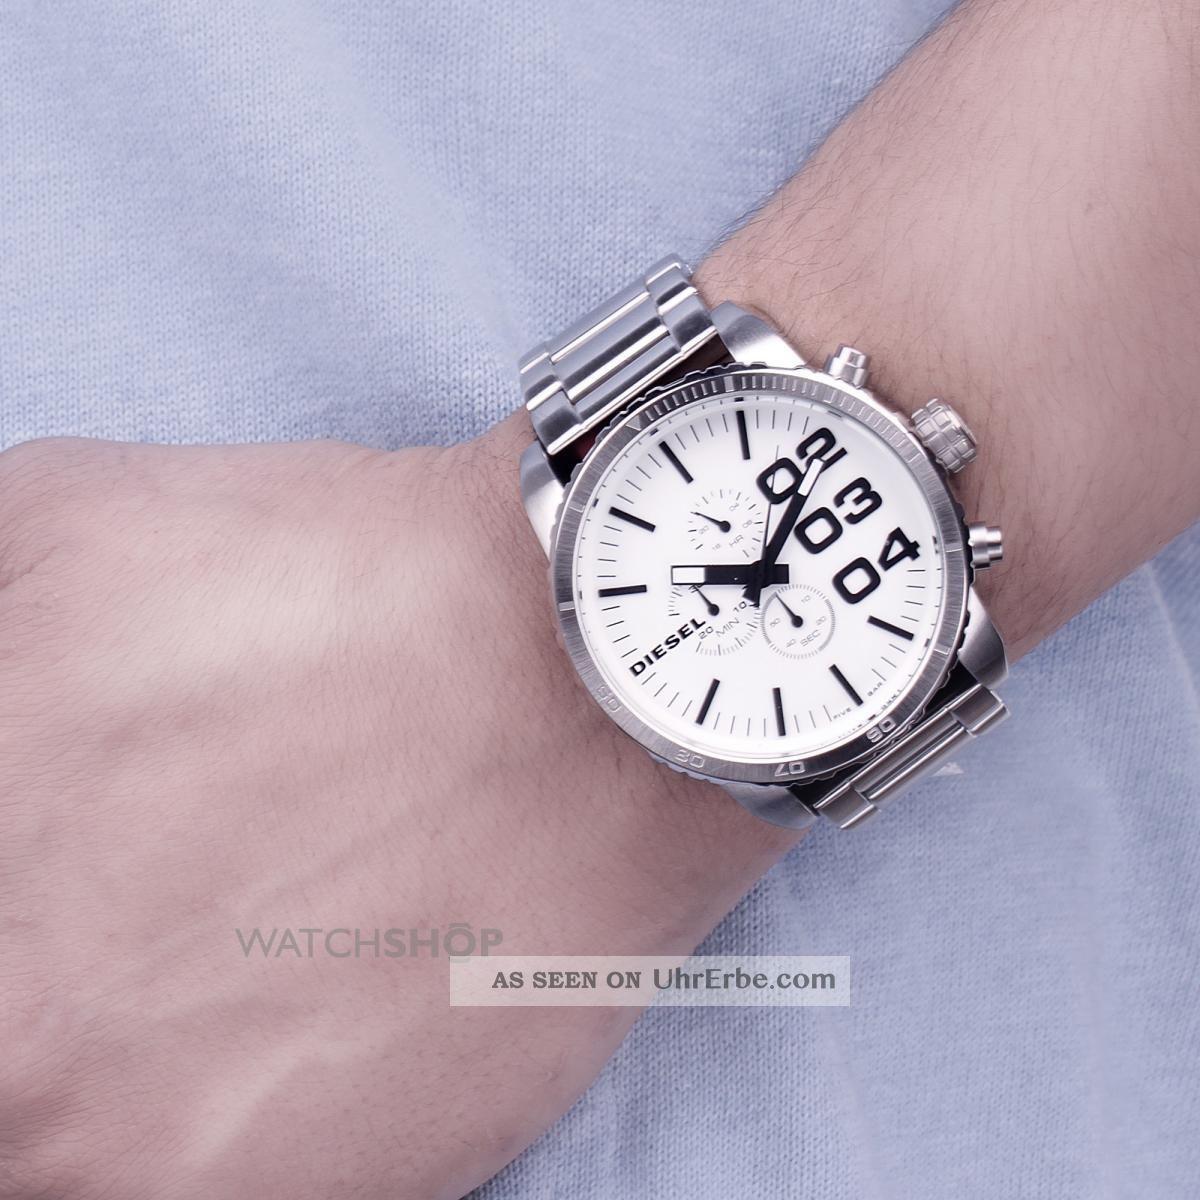 Diesel Chronograph Armbanduhr Für Herren (dz4219) Armbanduhren Bild